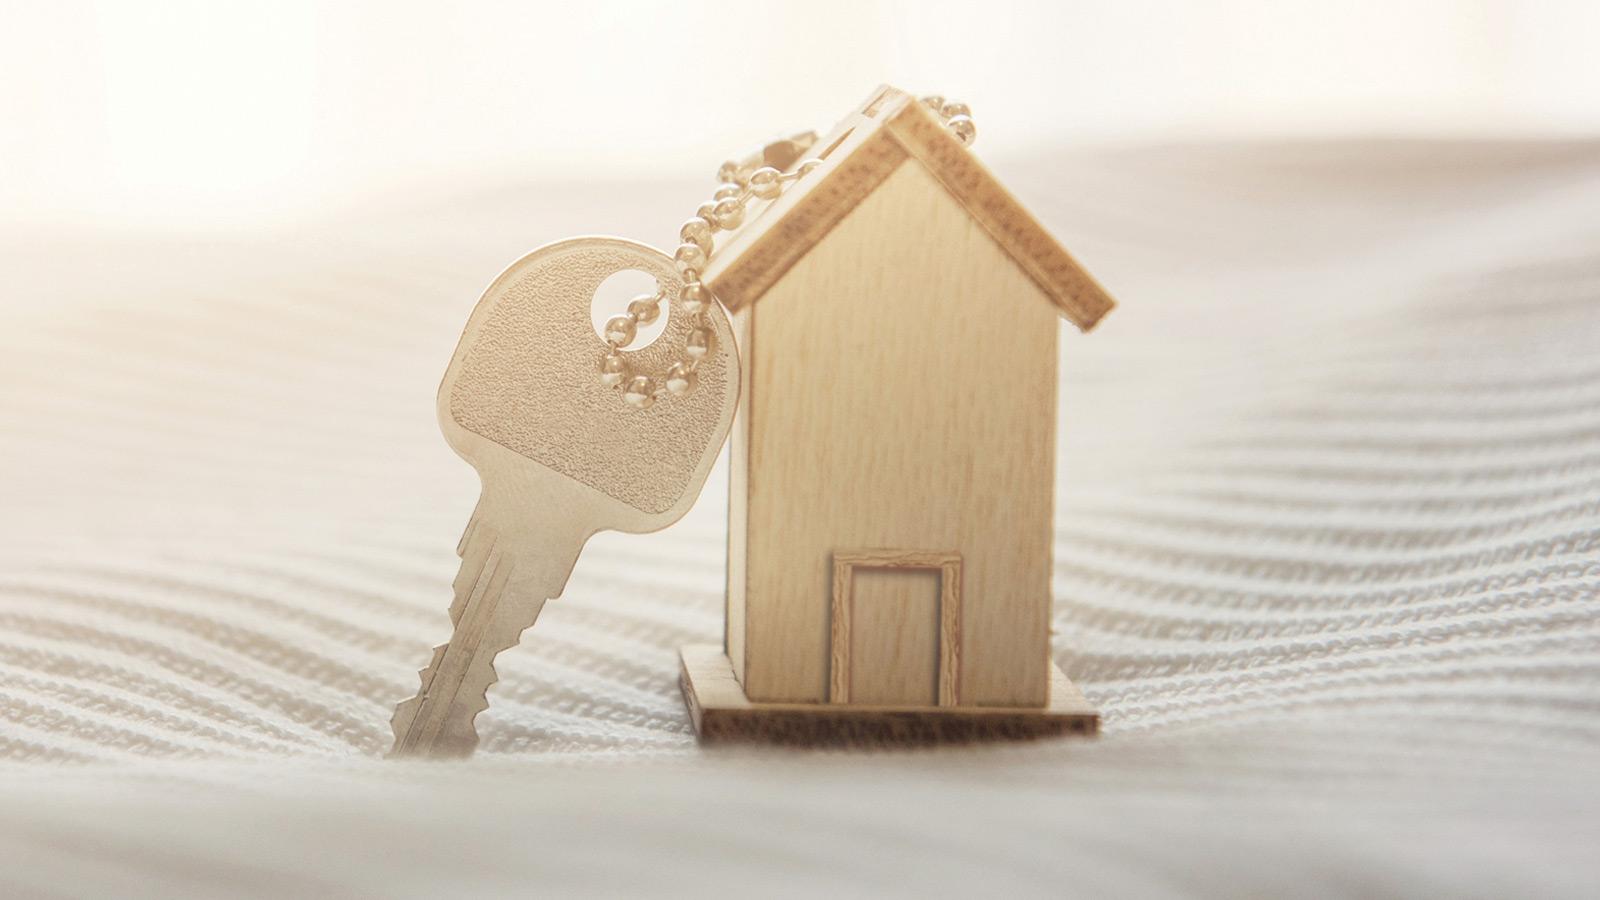 Investir em casas: cinco mitos a saber antes de gastar dinheiro